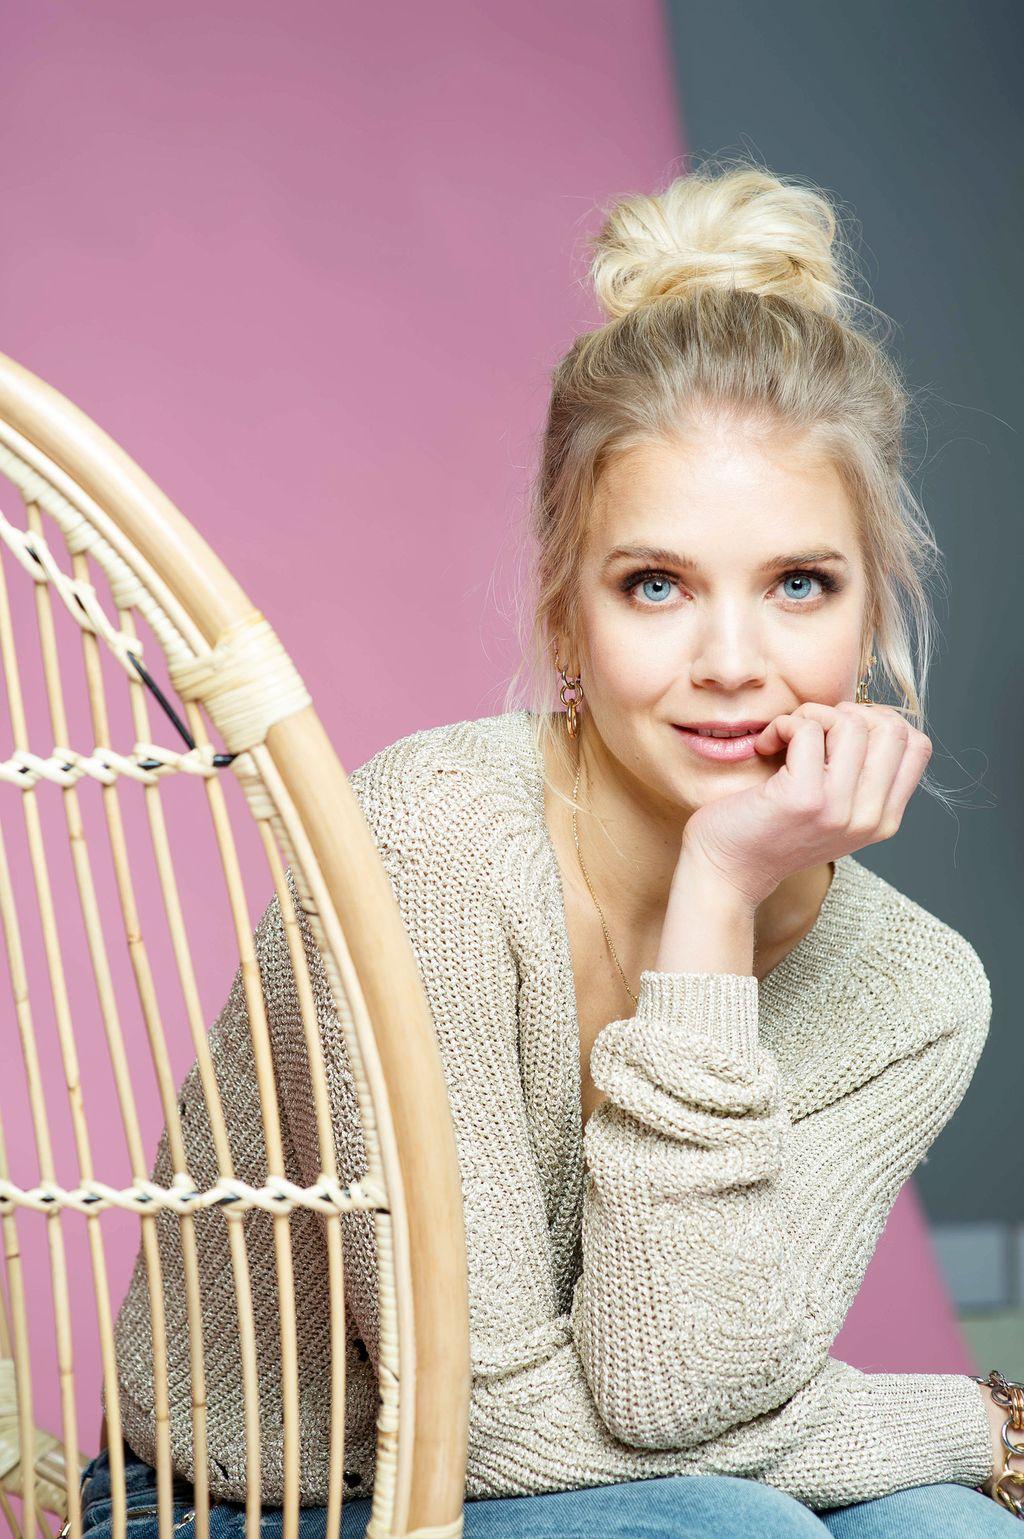 """Ex-missi Lotta Näkyvä viettää pyhät sisarustensa kanssa: """"Olen uskovainen, joten pääsiäinen on ehdottomasti tärkeä juhla"""""""